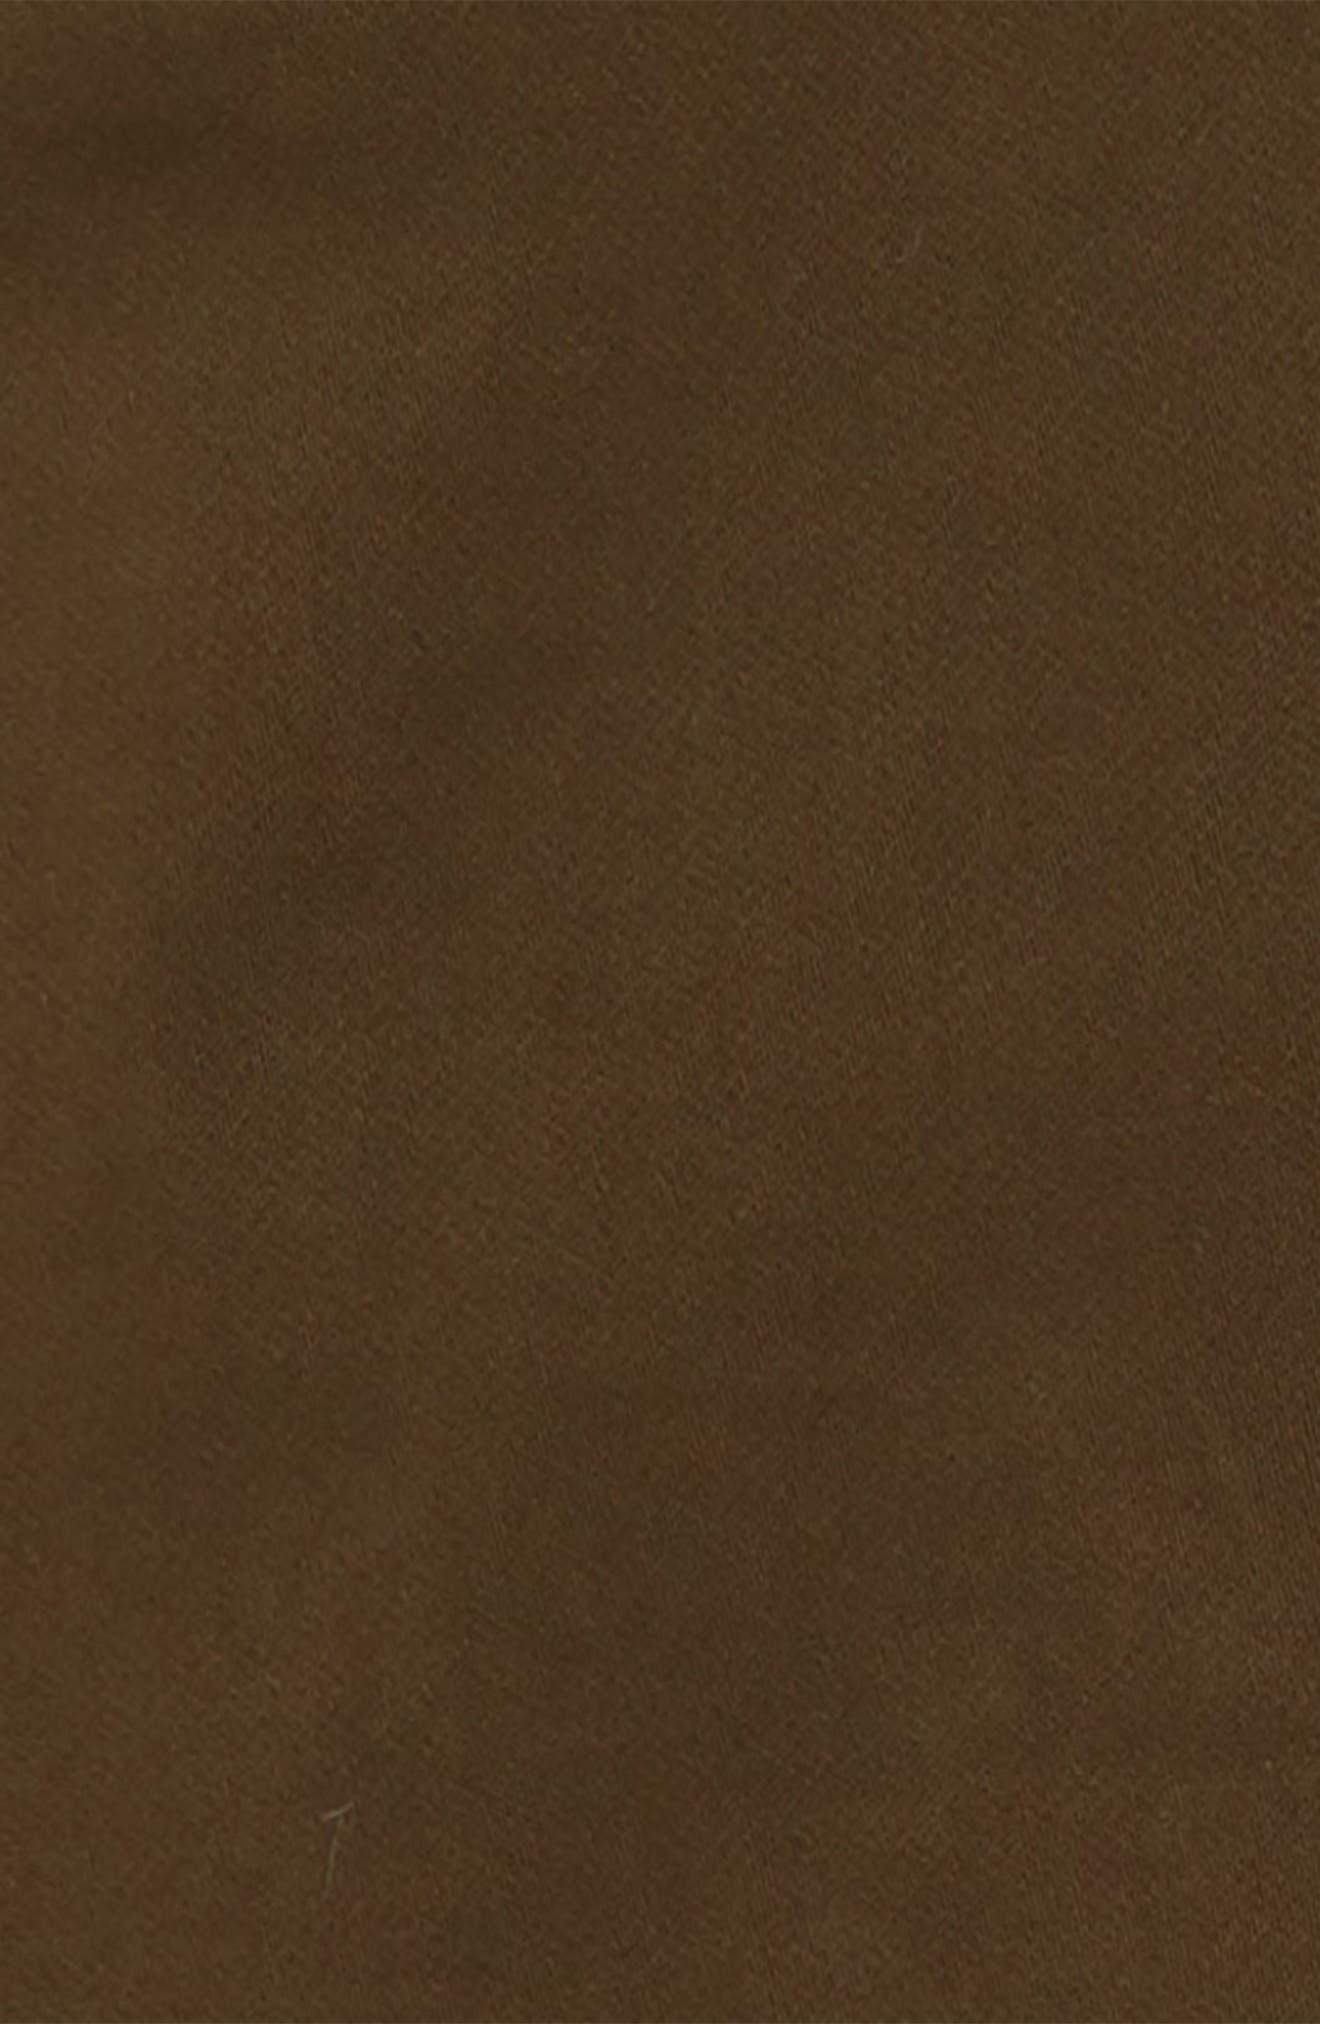 Jackson Knit Jogger Pants,                             Alternate thumbnail 2, color,                             300